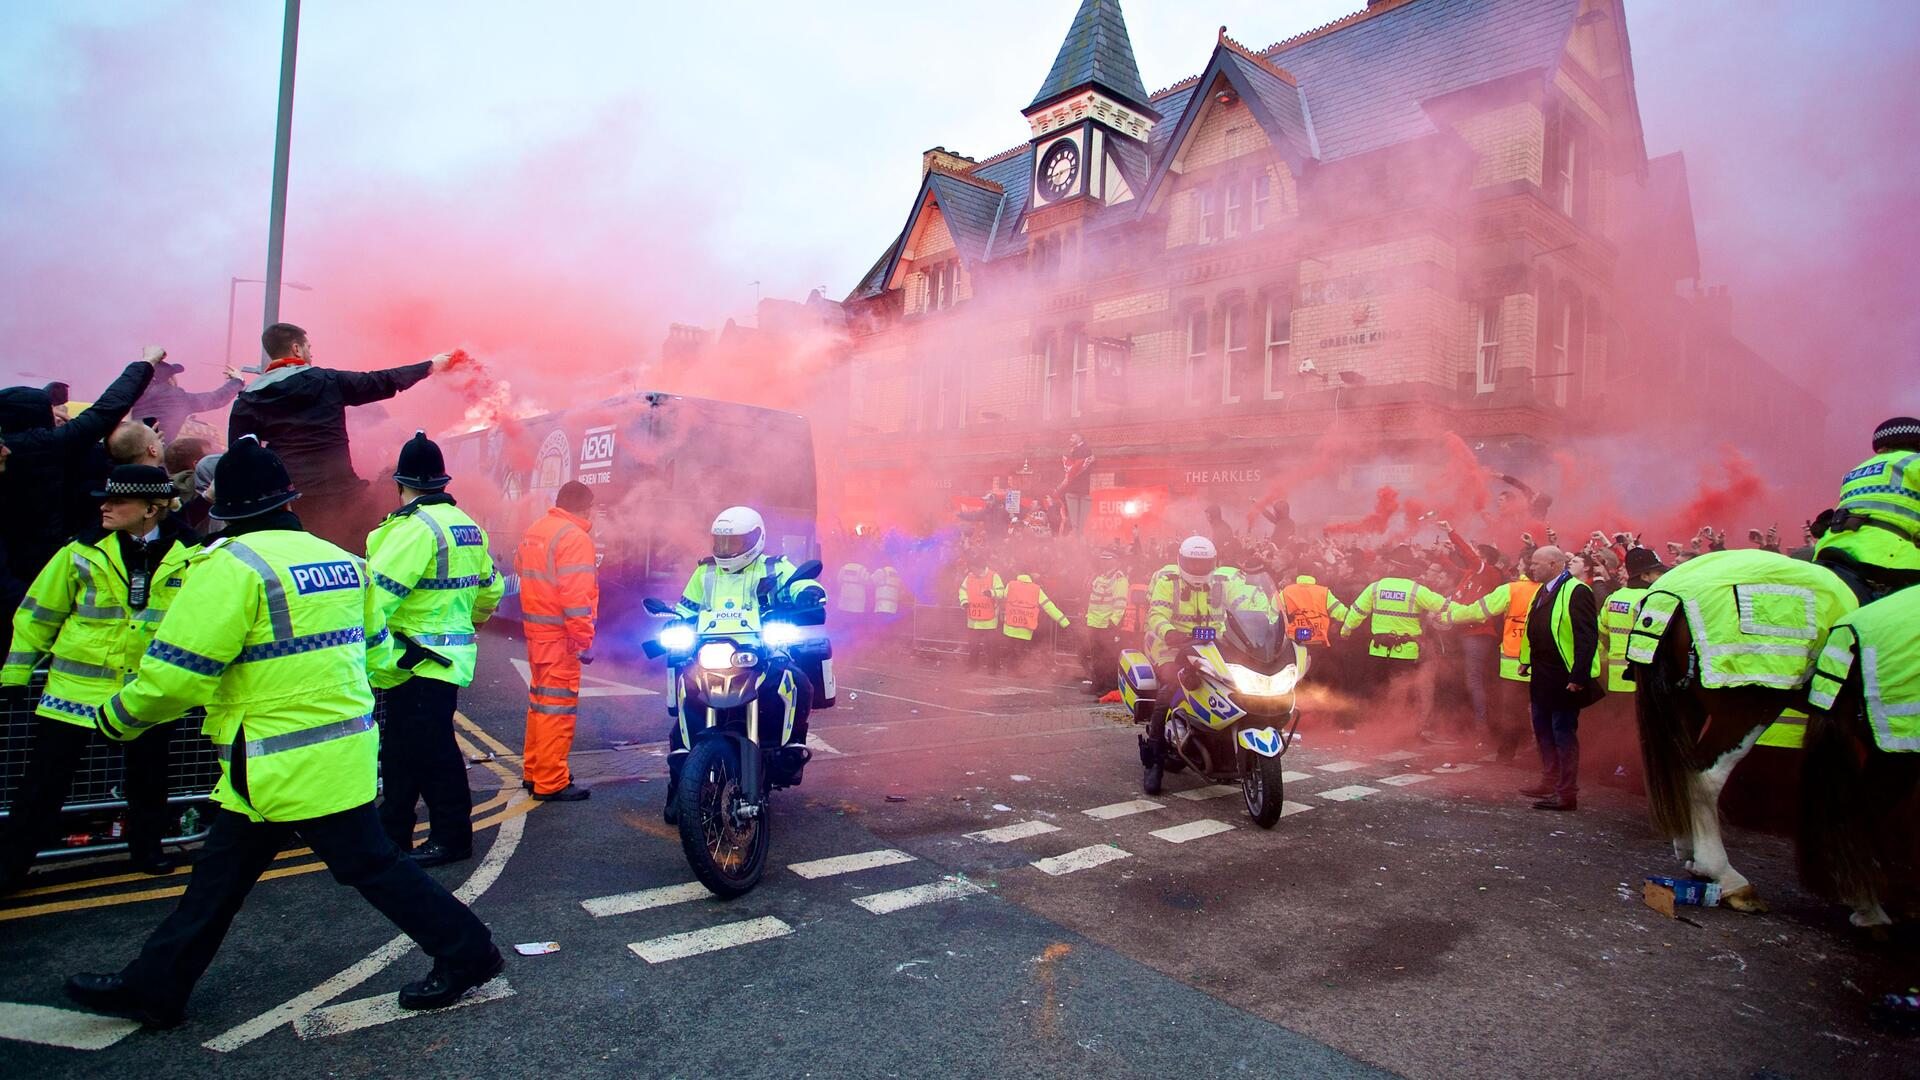 مانشستر سيتي يطلب ضمانات أمنية لسلامة حافلته في ليفربول